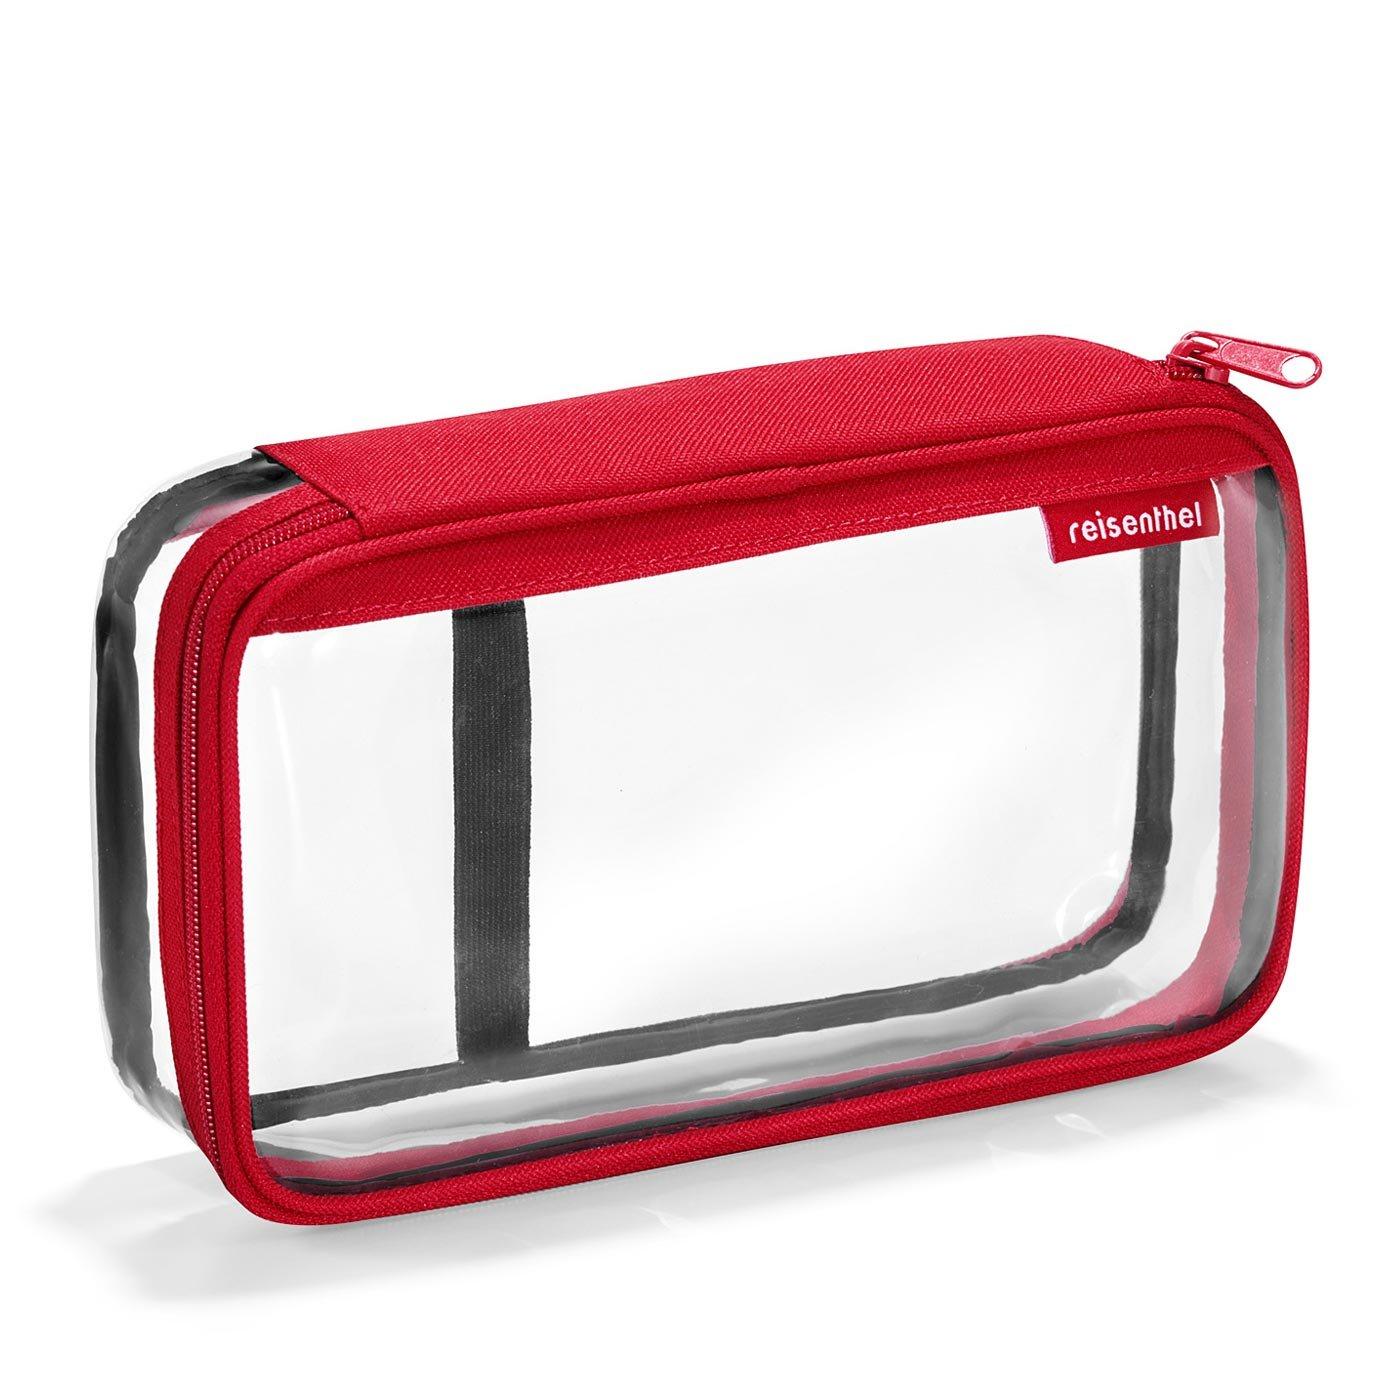 Neceser transparente con cremallera de color rojo elaborado en PVC y poliéster.